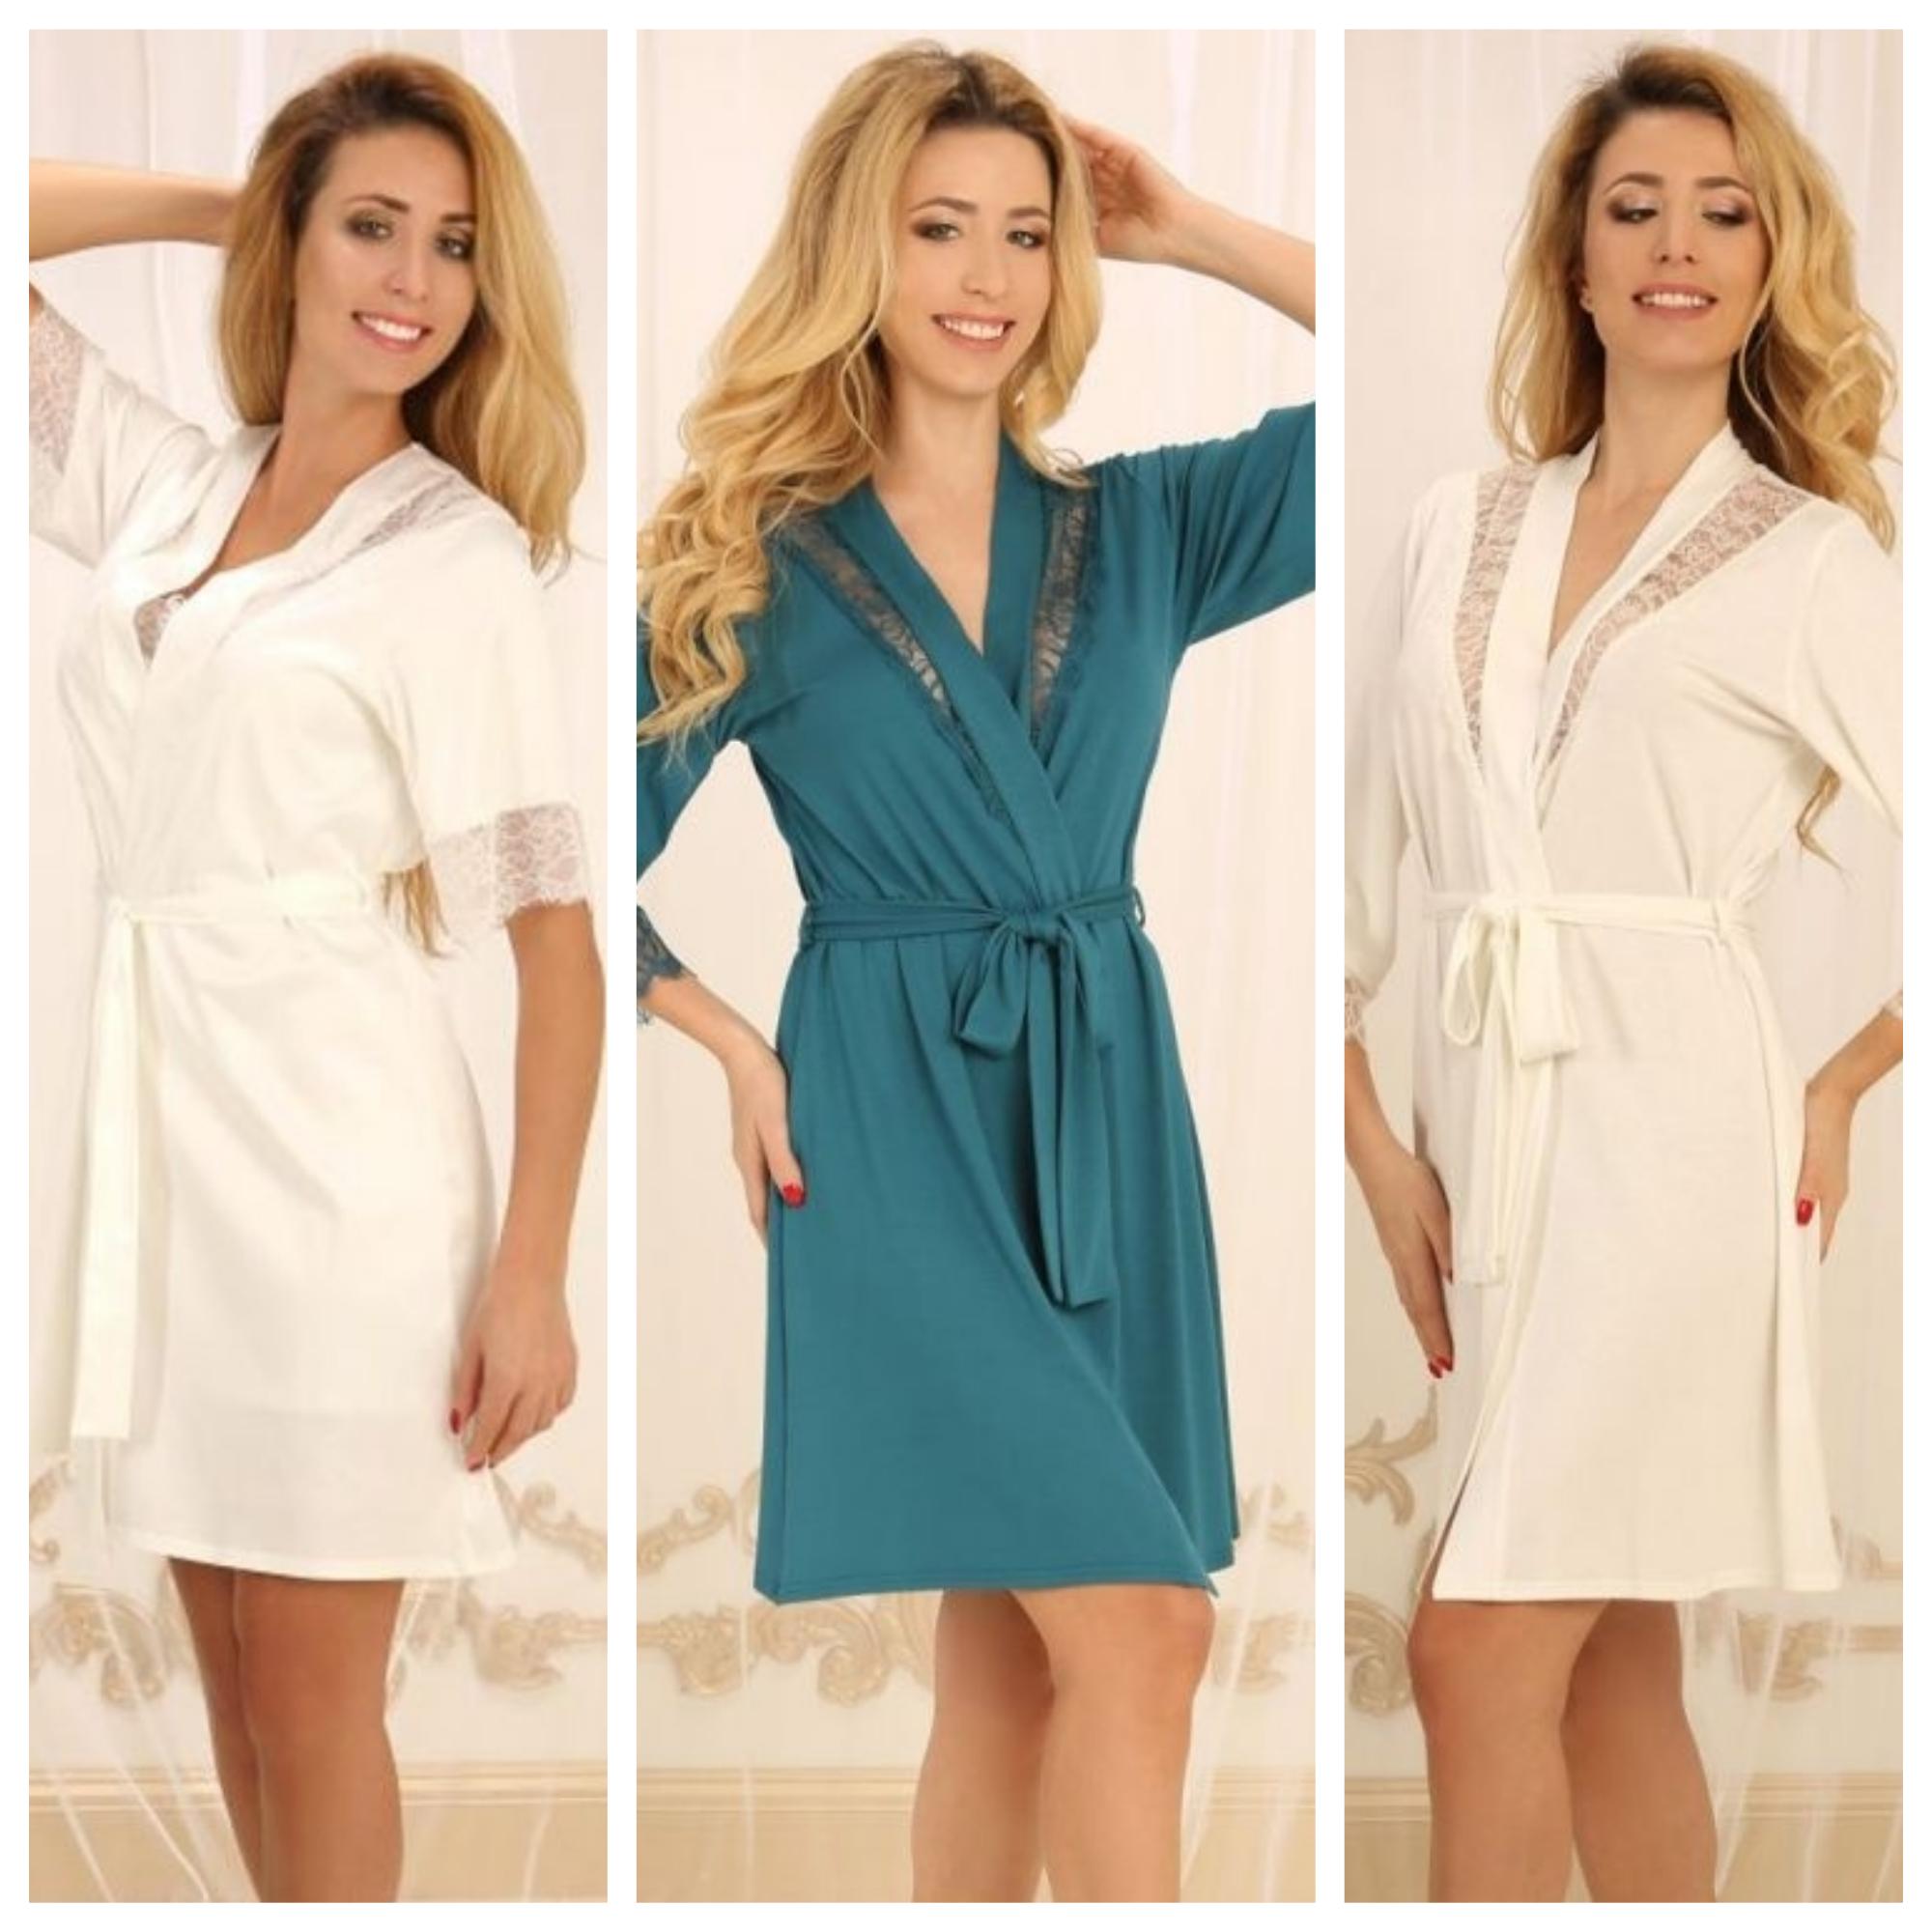 Violet delux халаты женские купить